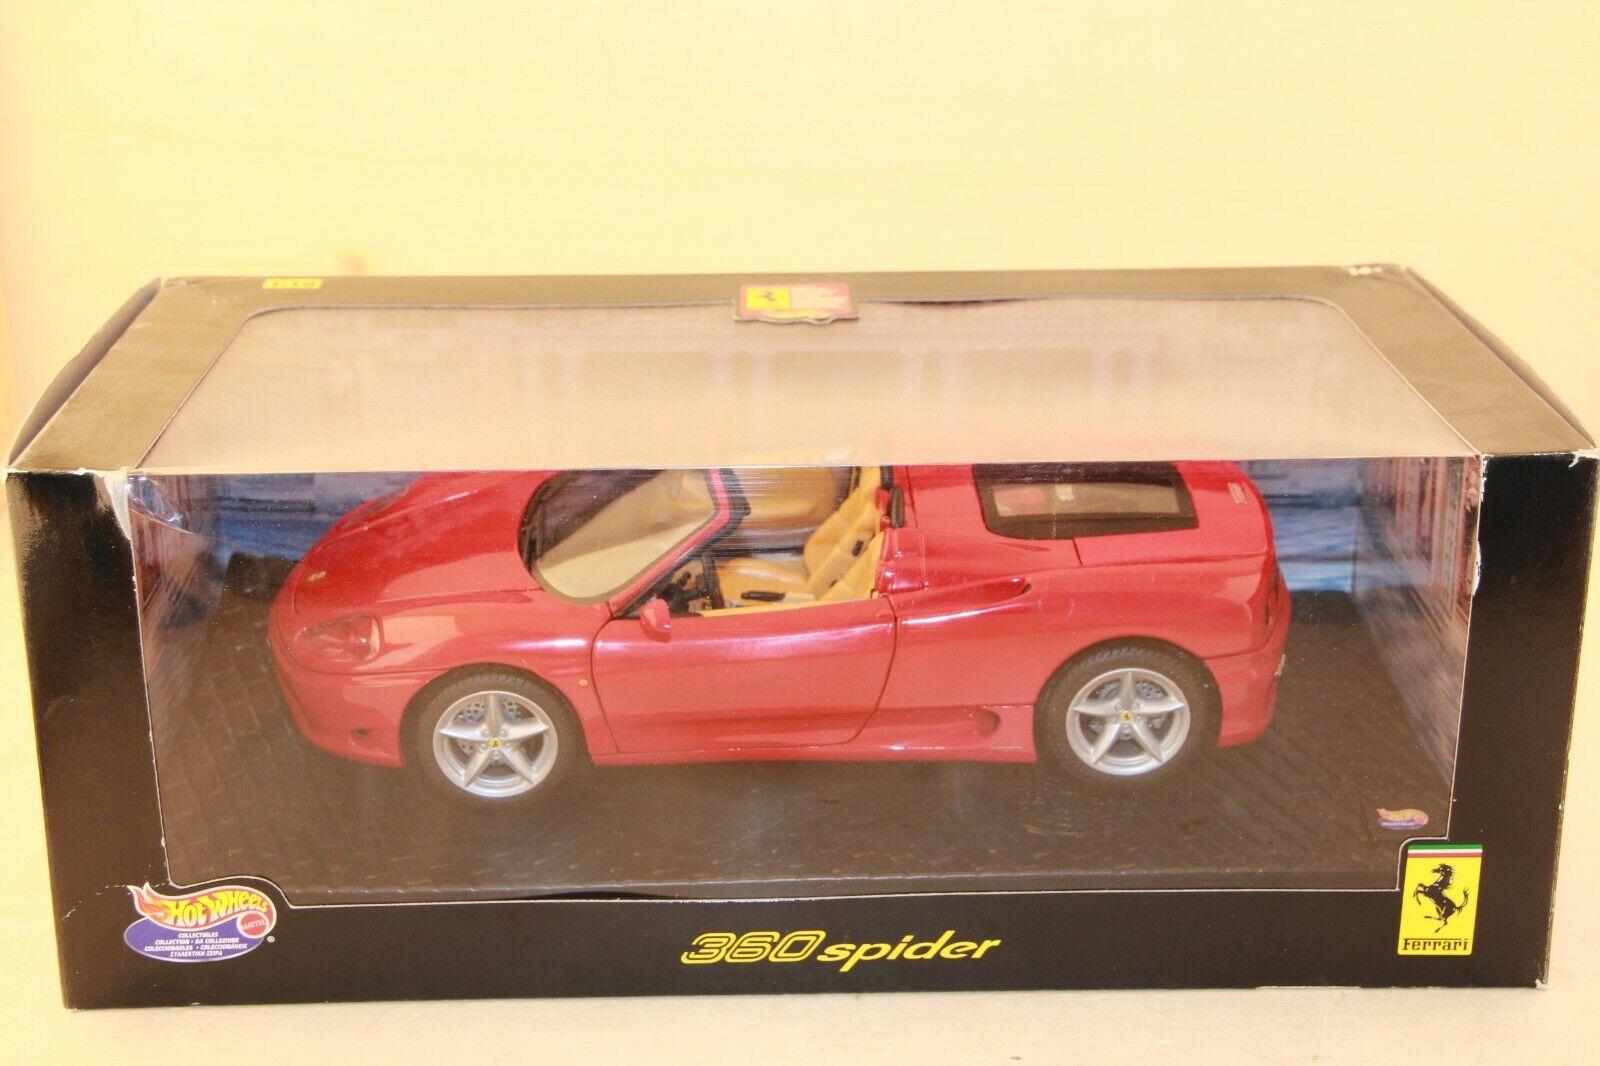 Hotwheels Ferrari 360 Spider 1 18 Box